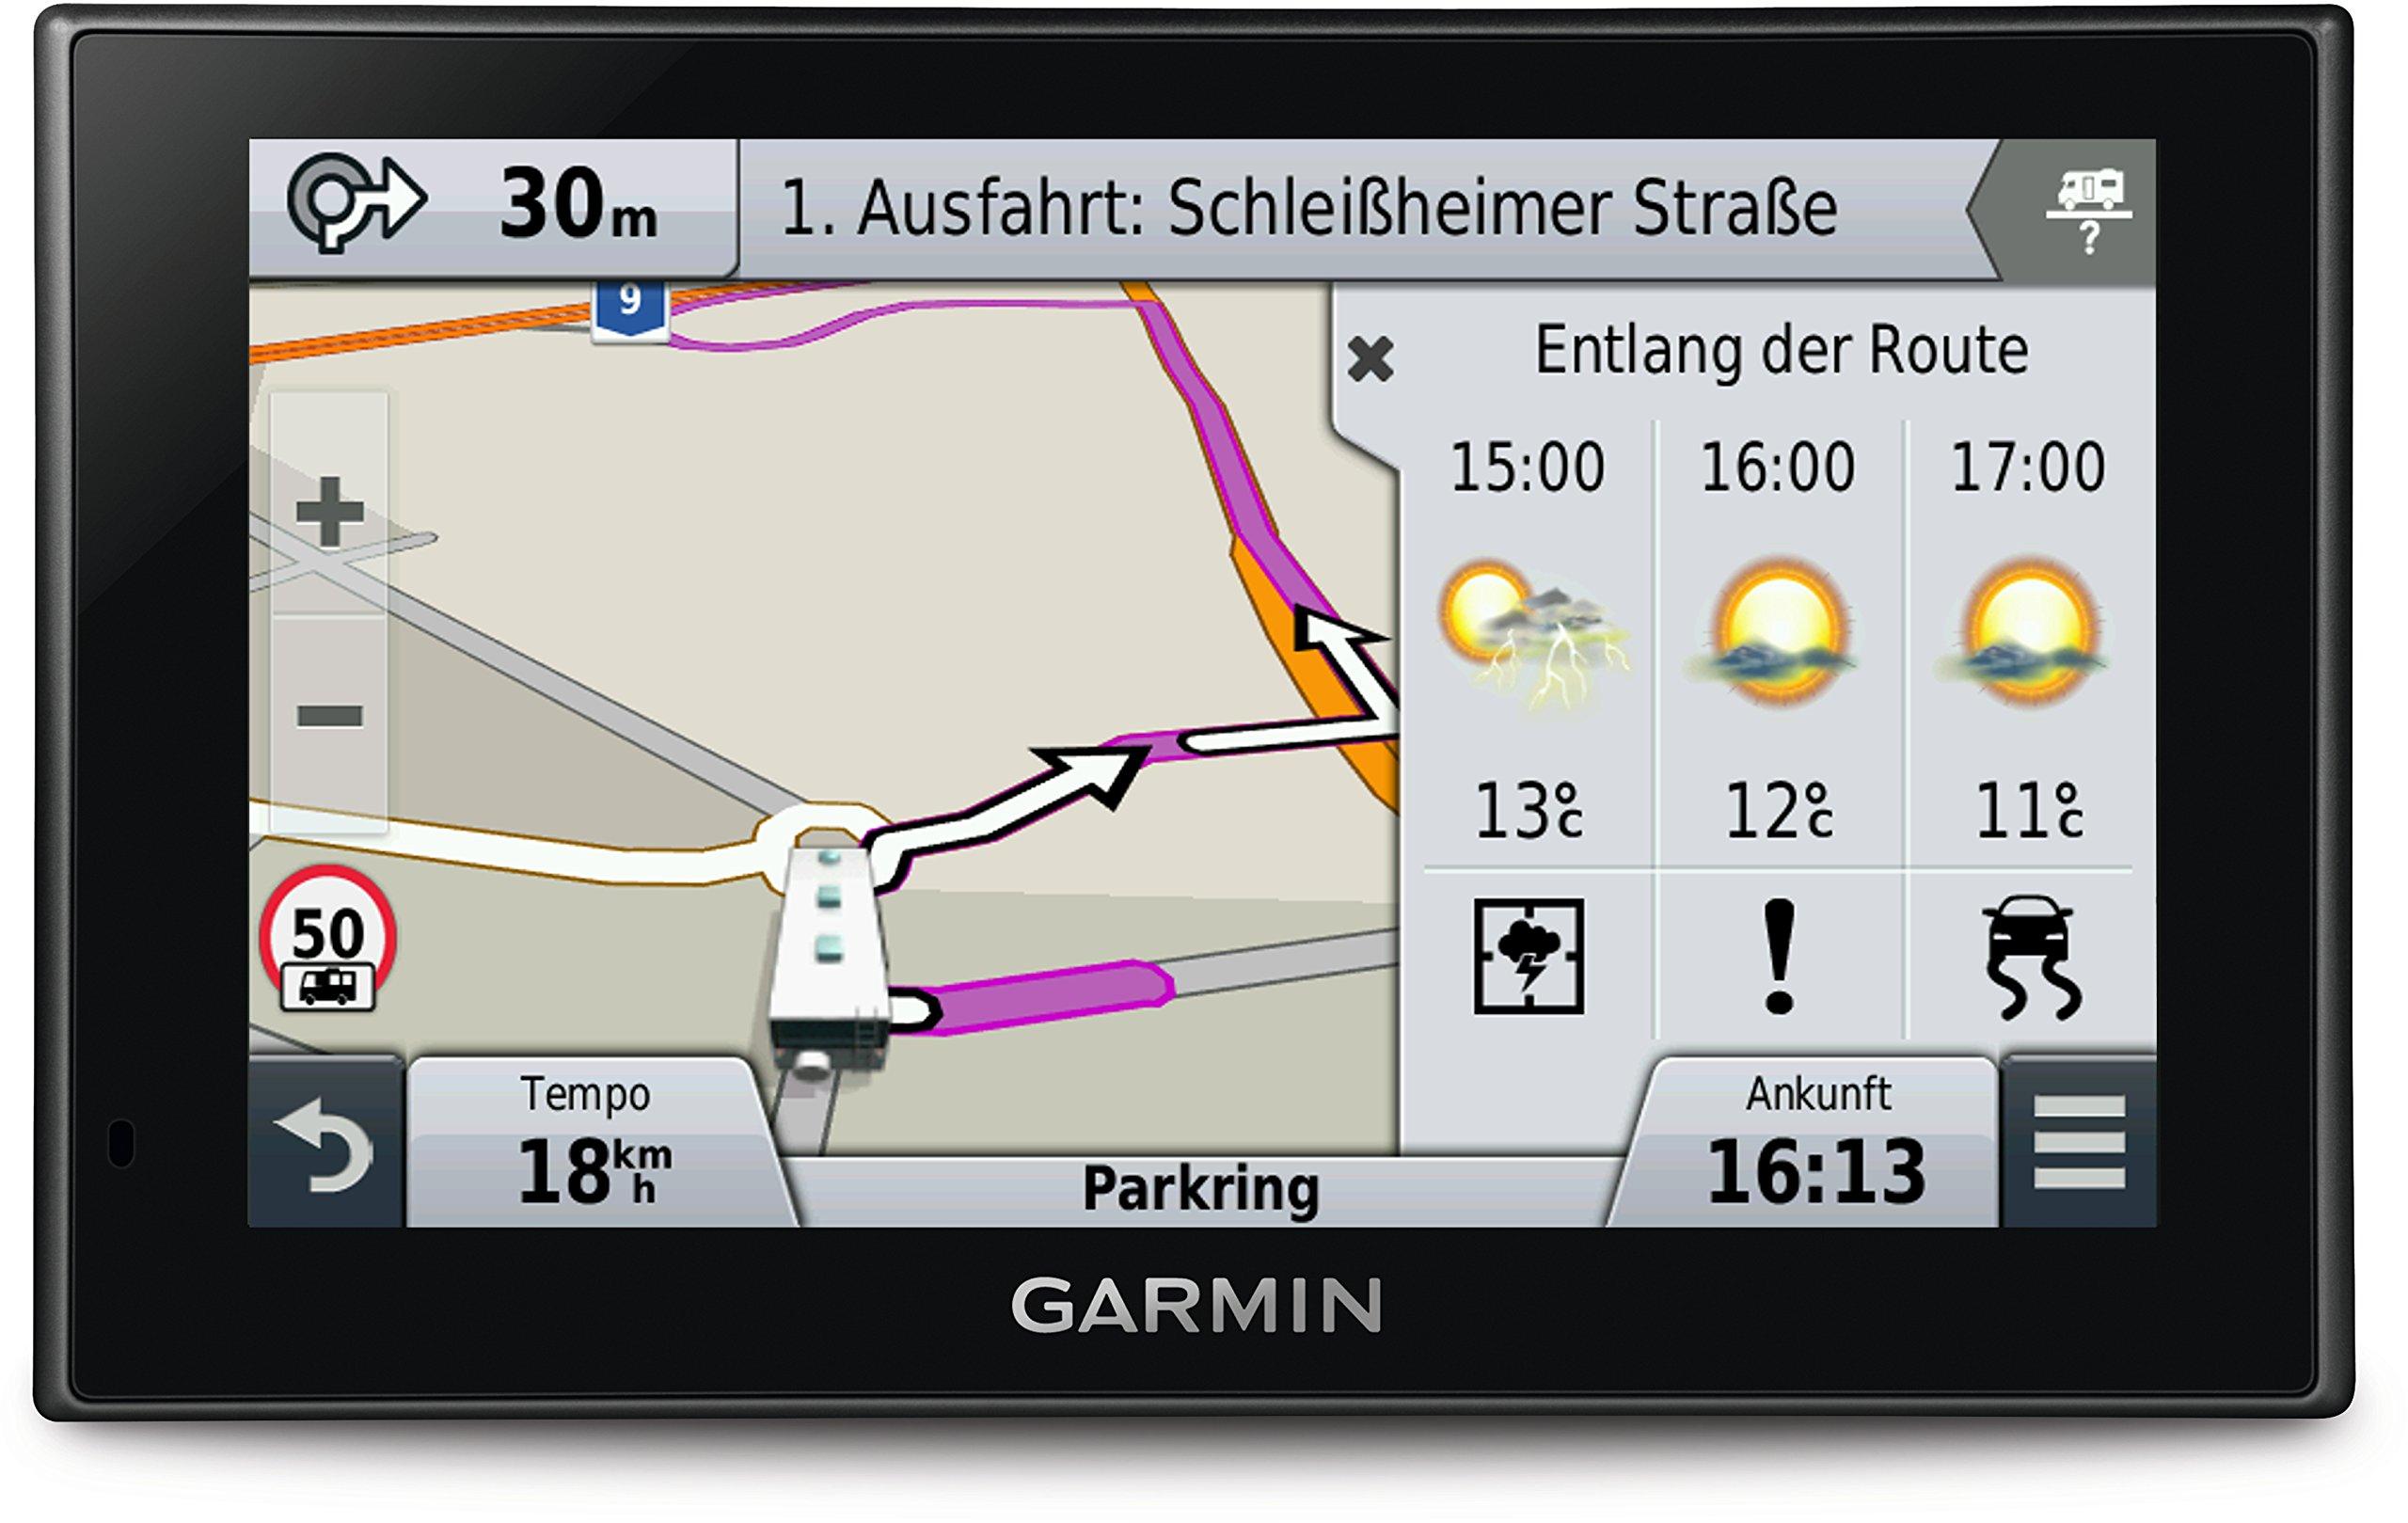 Garmin-camper-660LMT-D-EU-Navigationsgert-lebenslange-Kartenupdates-DAB-Hhenprofil-152cm-6-Zoll-Touchscreen